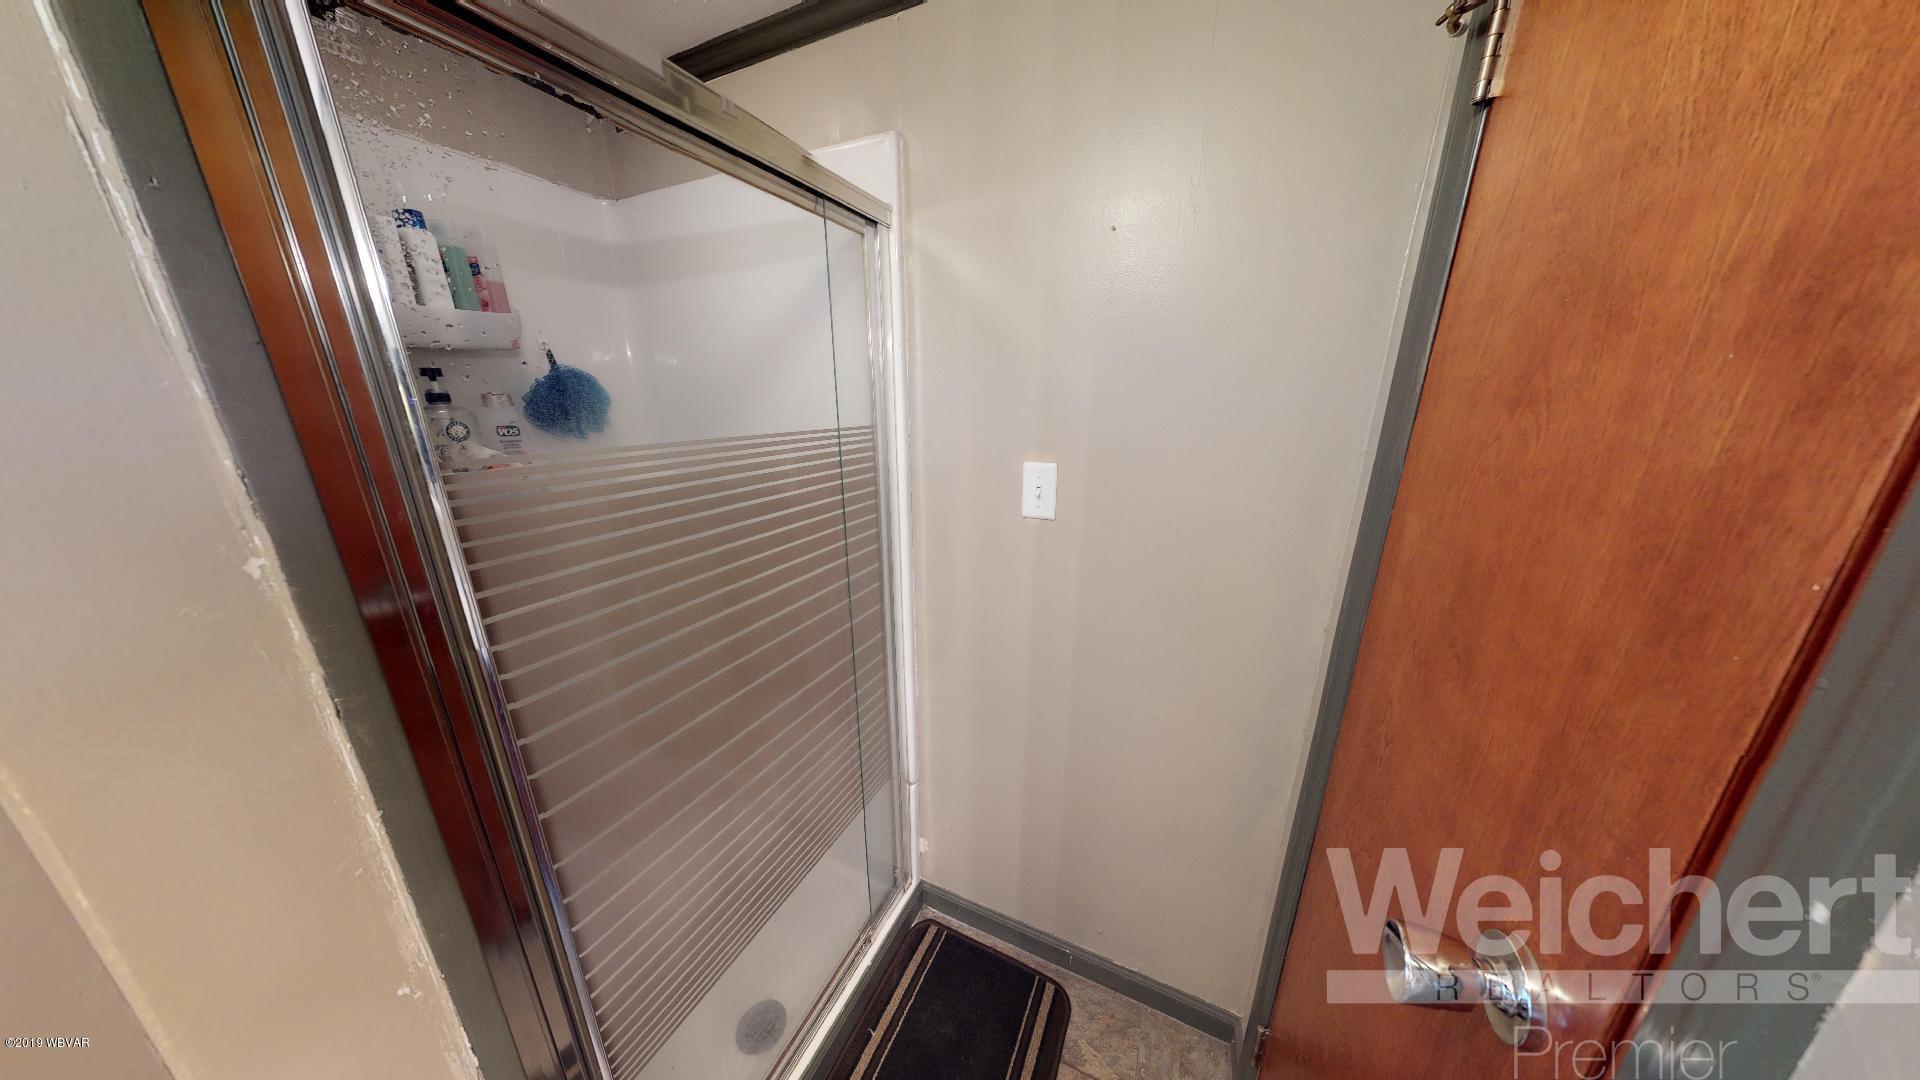 214 ELM STREET,S. Williamsport,PA 17702,3 Bedrooms Bedrooms,3 BathroomsBathrooms,Residential,ELM,WB-87310